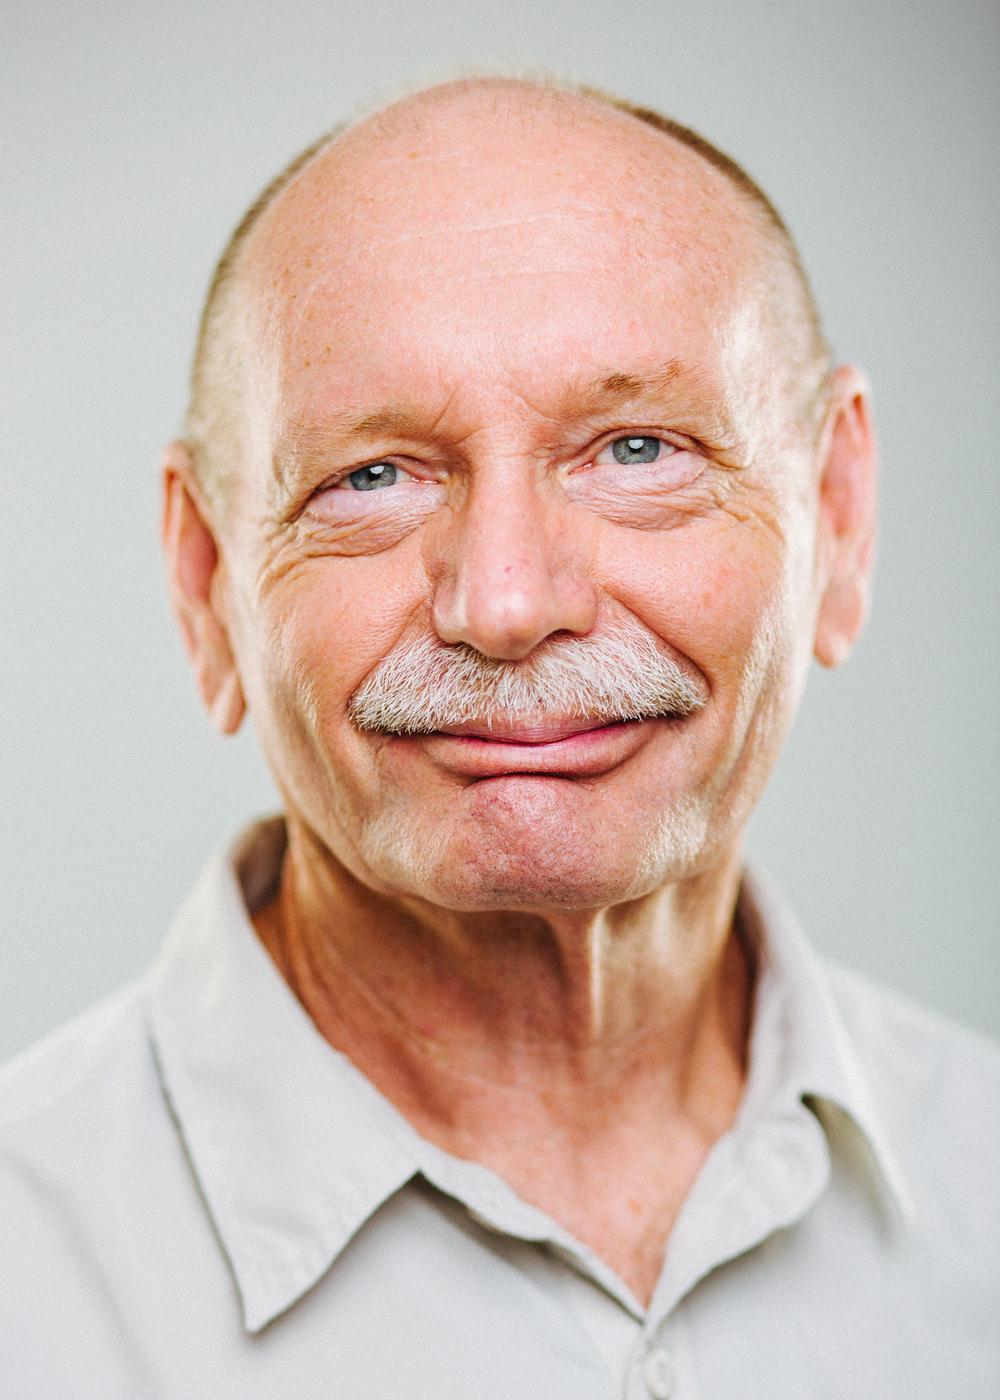 Model: Jim Livingstone